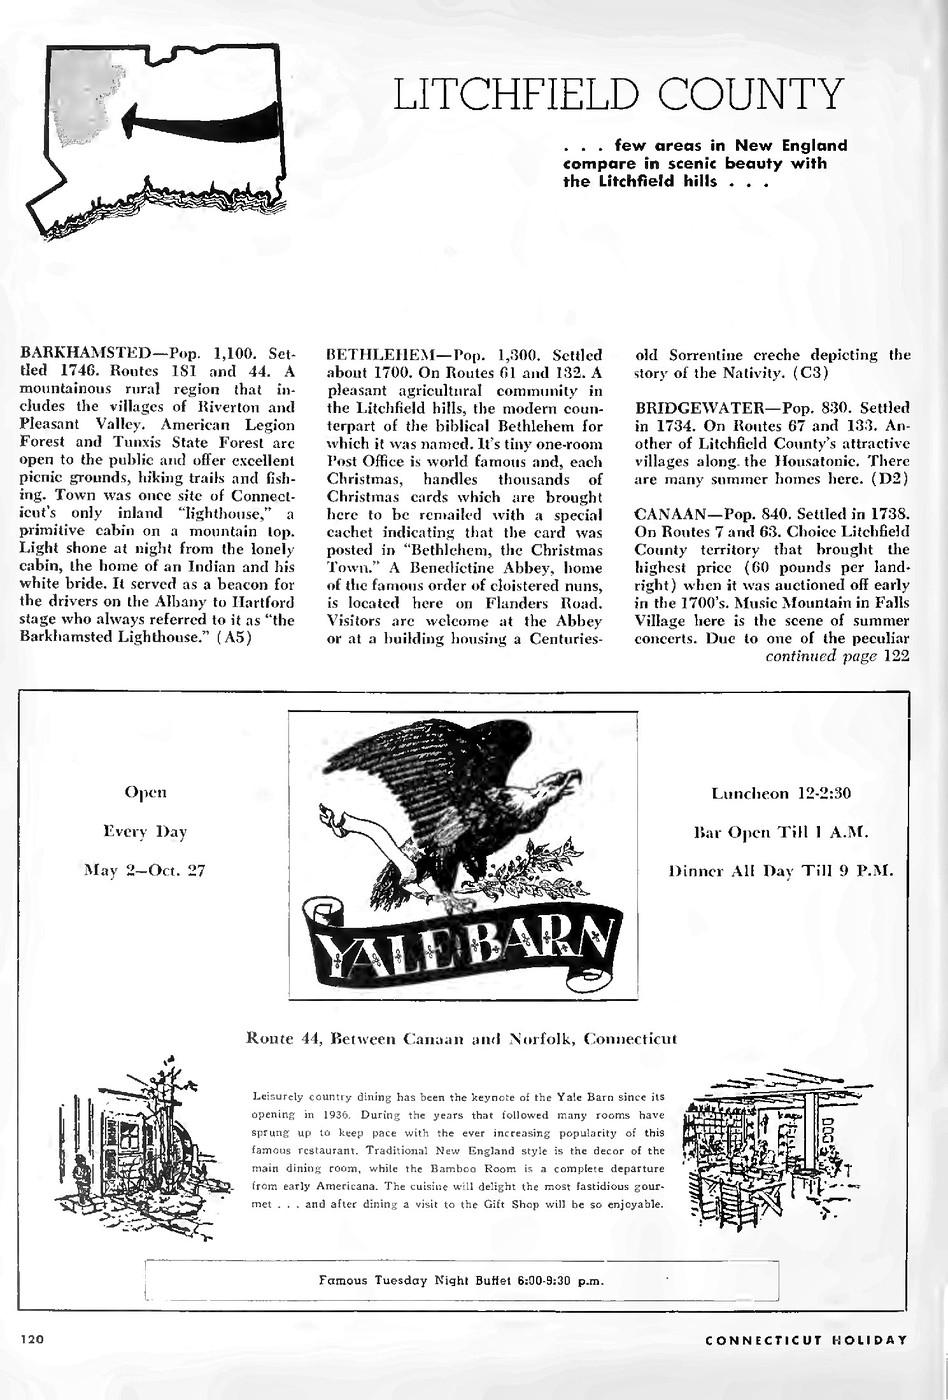 PAGE120-vi.jpg